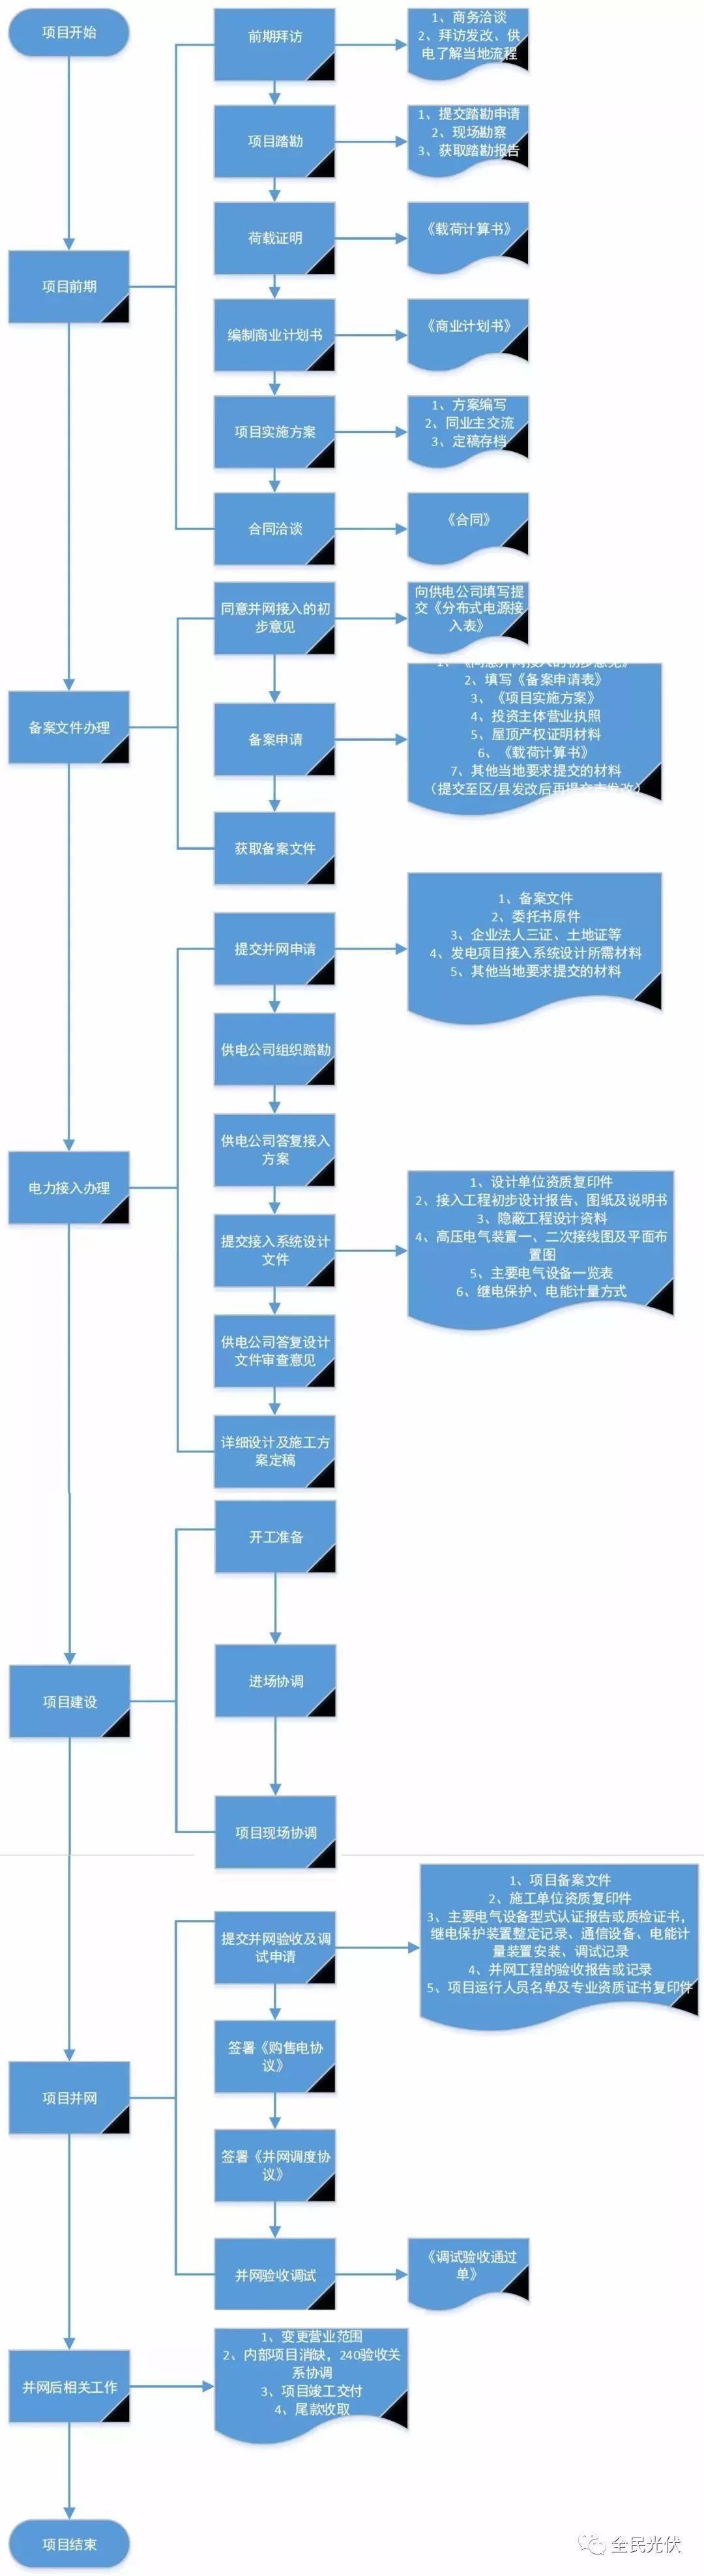 一张图 | 读懂分布式光伏开发全流程!